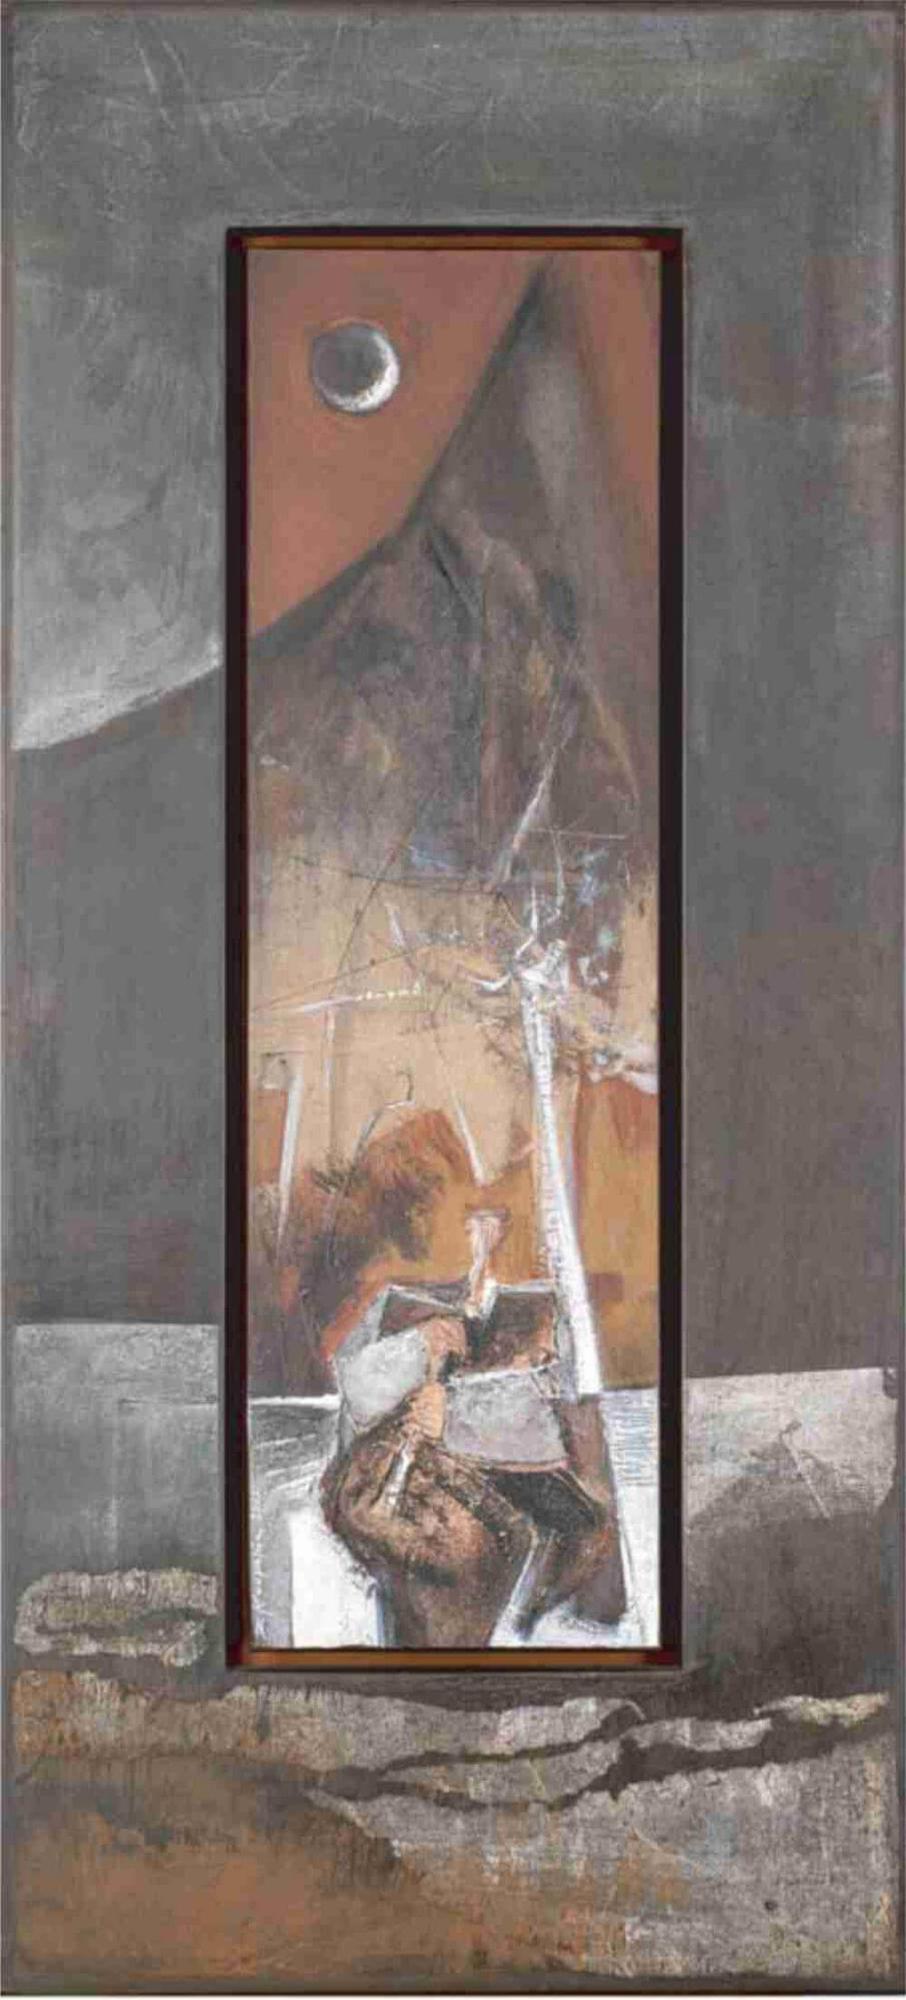 ΖΑΧΑΡΙΑΣ ΚΟΥΜΠΛΗΣ ΜΑΓΙΚΟ ΒΟΥΝΟ ΕΡΥΡΘΟ 1998